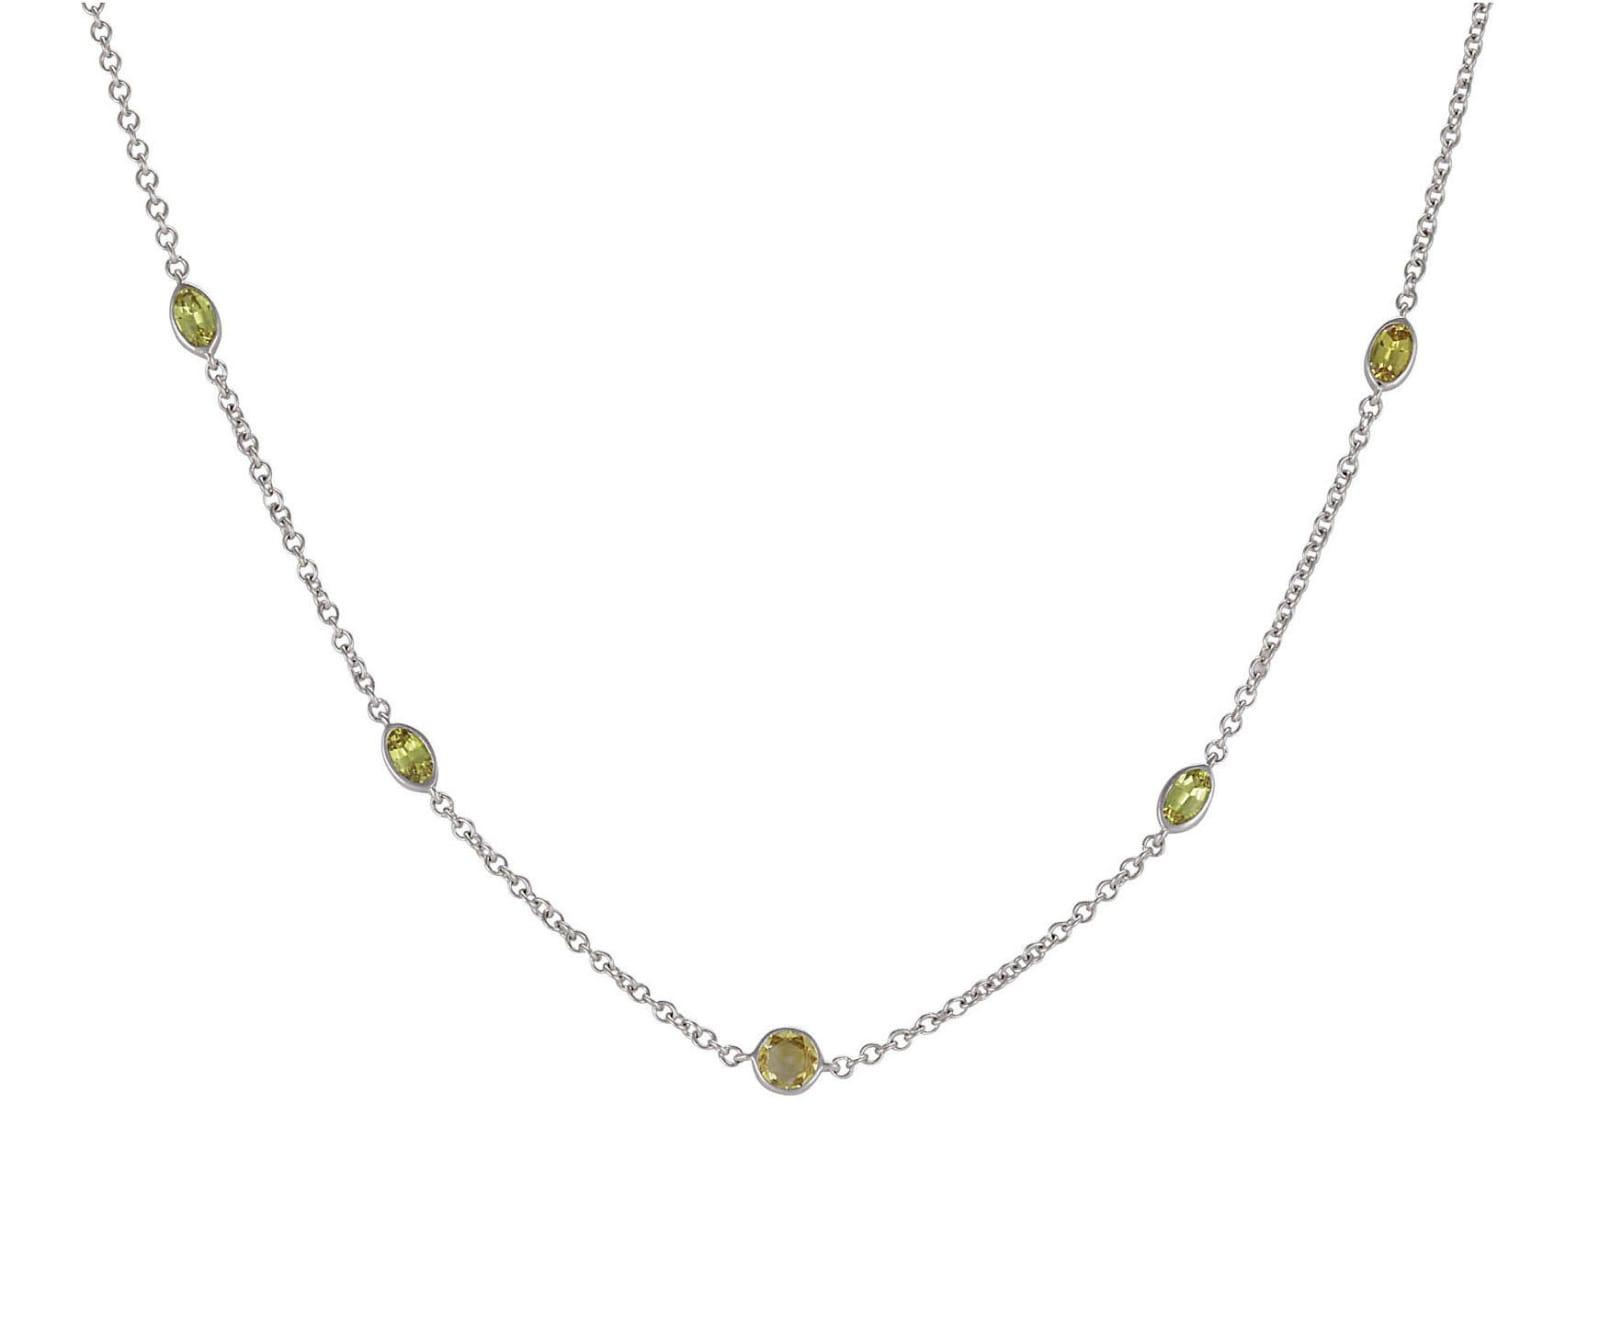 Lo Spazio Yellow Sapphire and Diamond Necklace